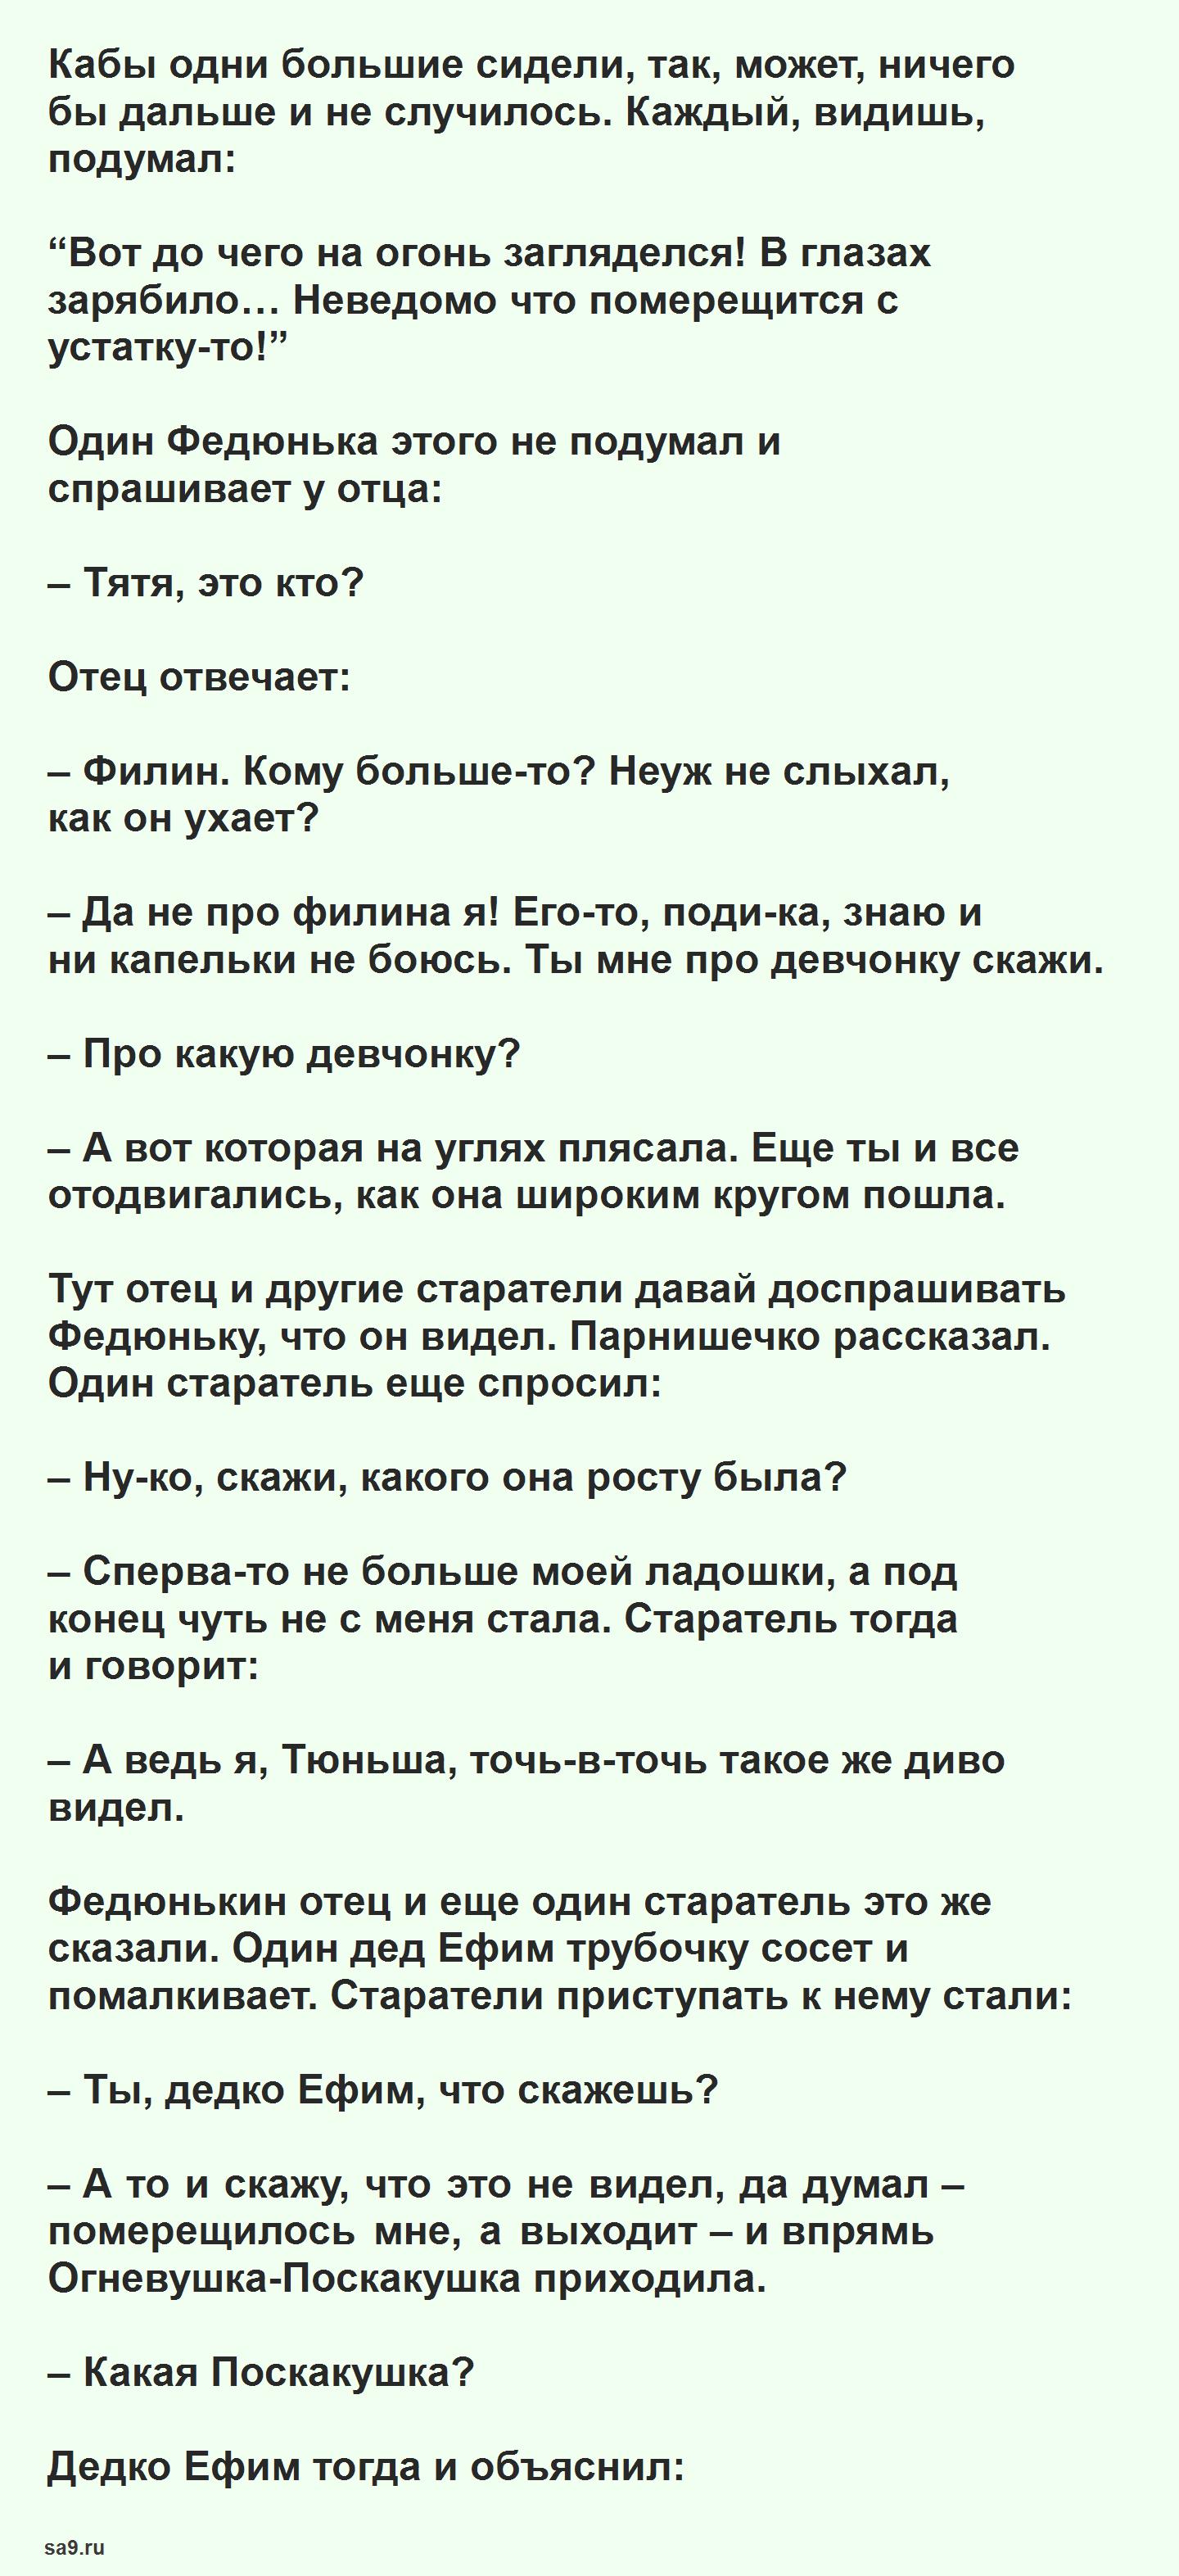 Сказка Бажова – Огневушка-Поскакушка, для детей читать текст полностью